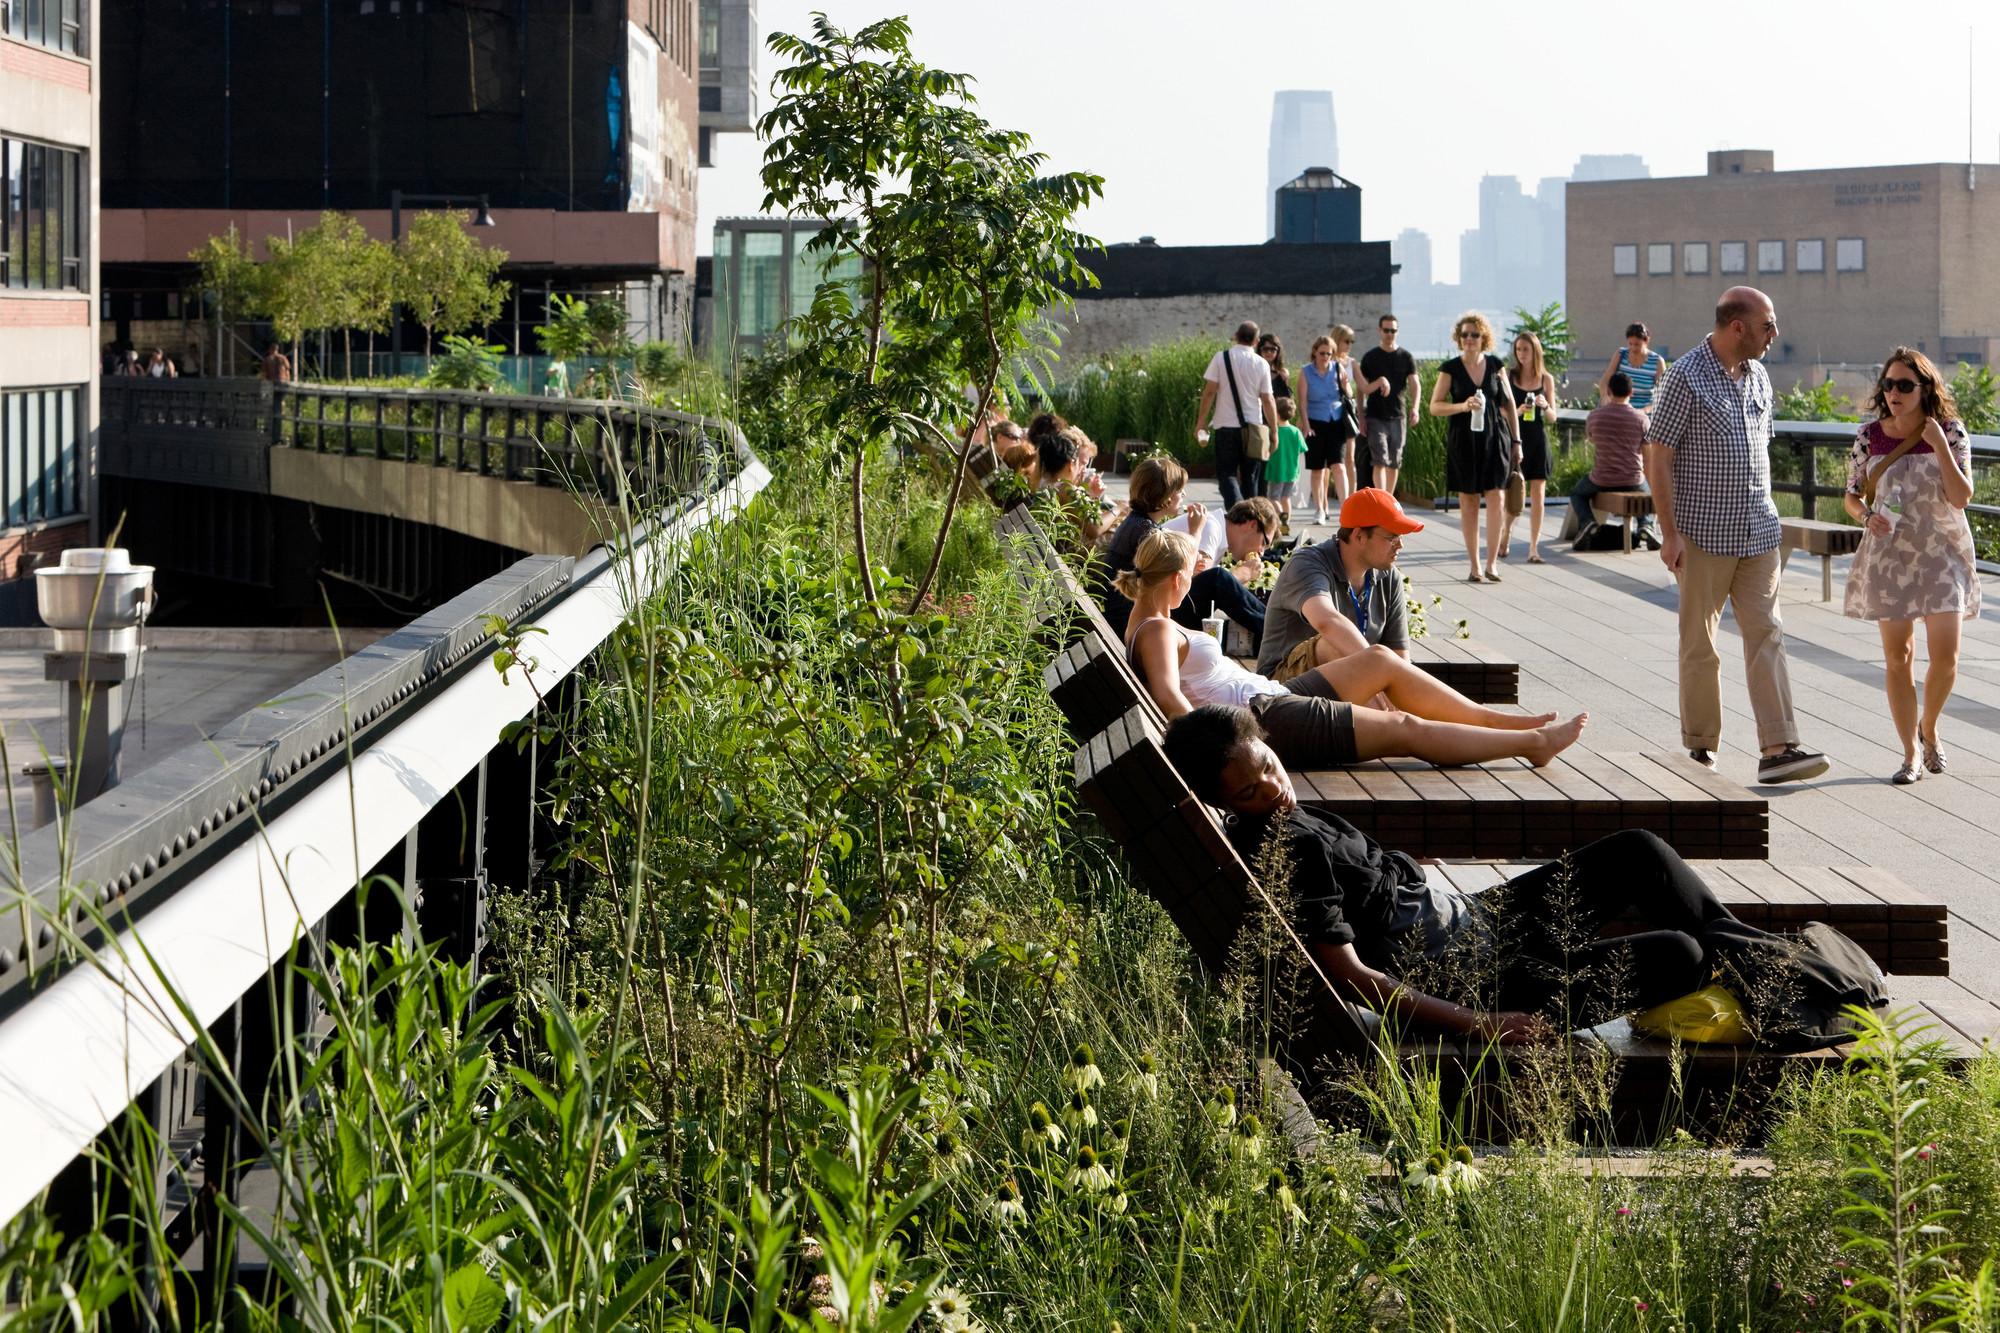 Primera etapa: The Sundeck: The Sundeck, uno de los más populares sitios de reunión del High Line, entre 14th y 15th Streets. Image © Iwan Baan, 2009